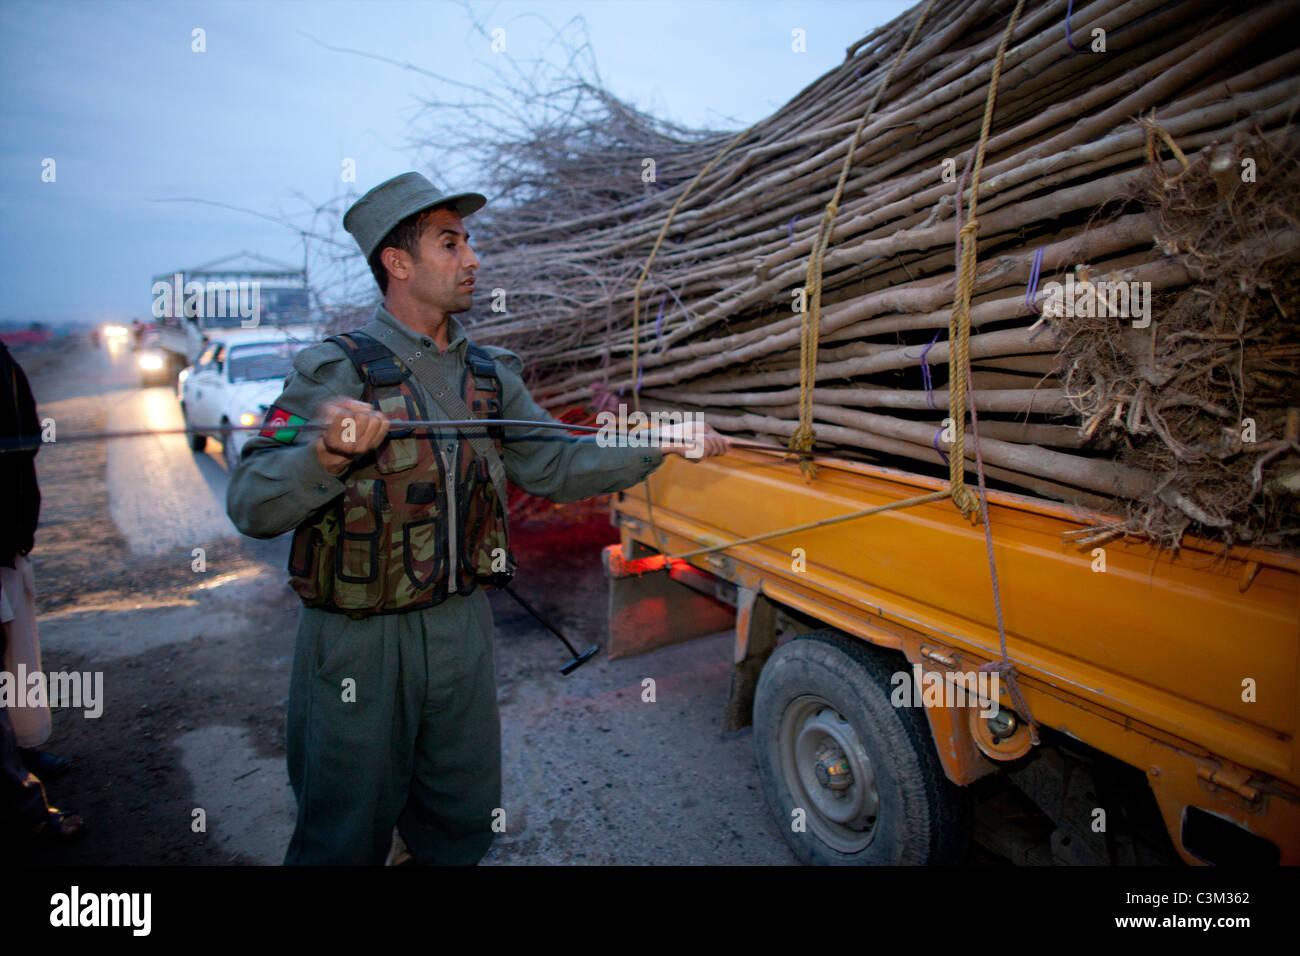 Afghanische Polizei auf der Suche nach Terroristen in Kunduz. Stockfoto